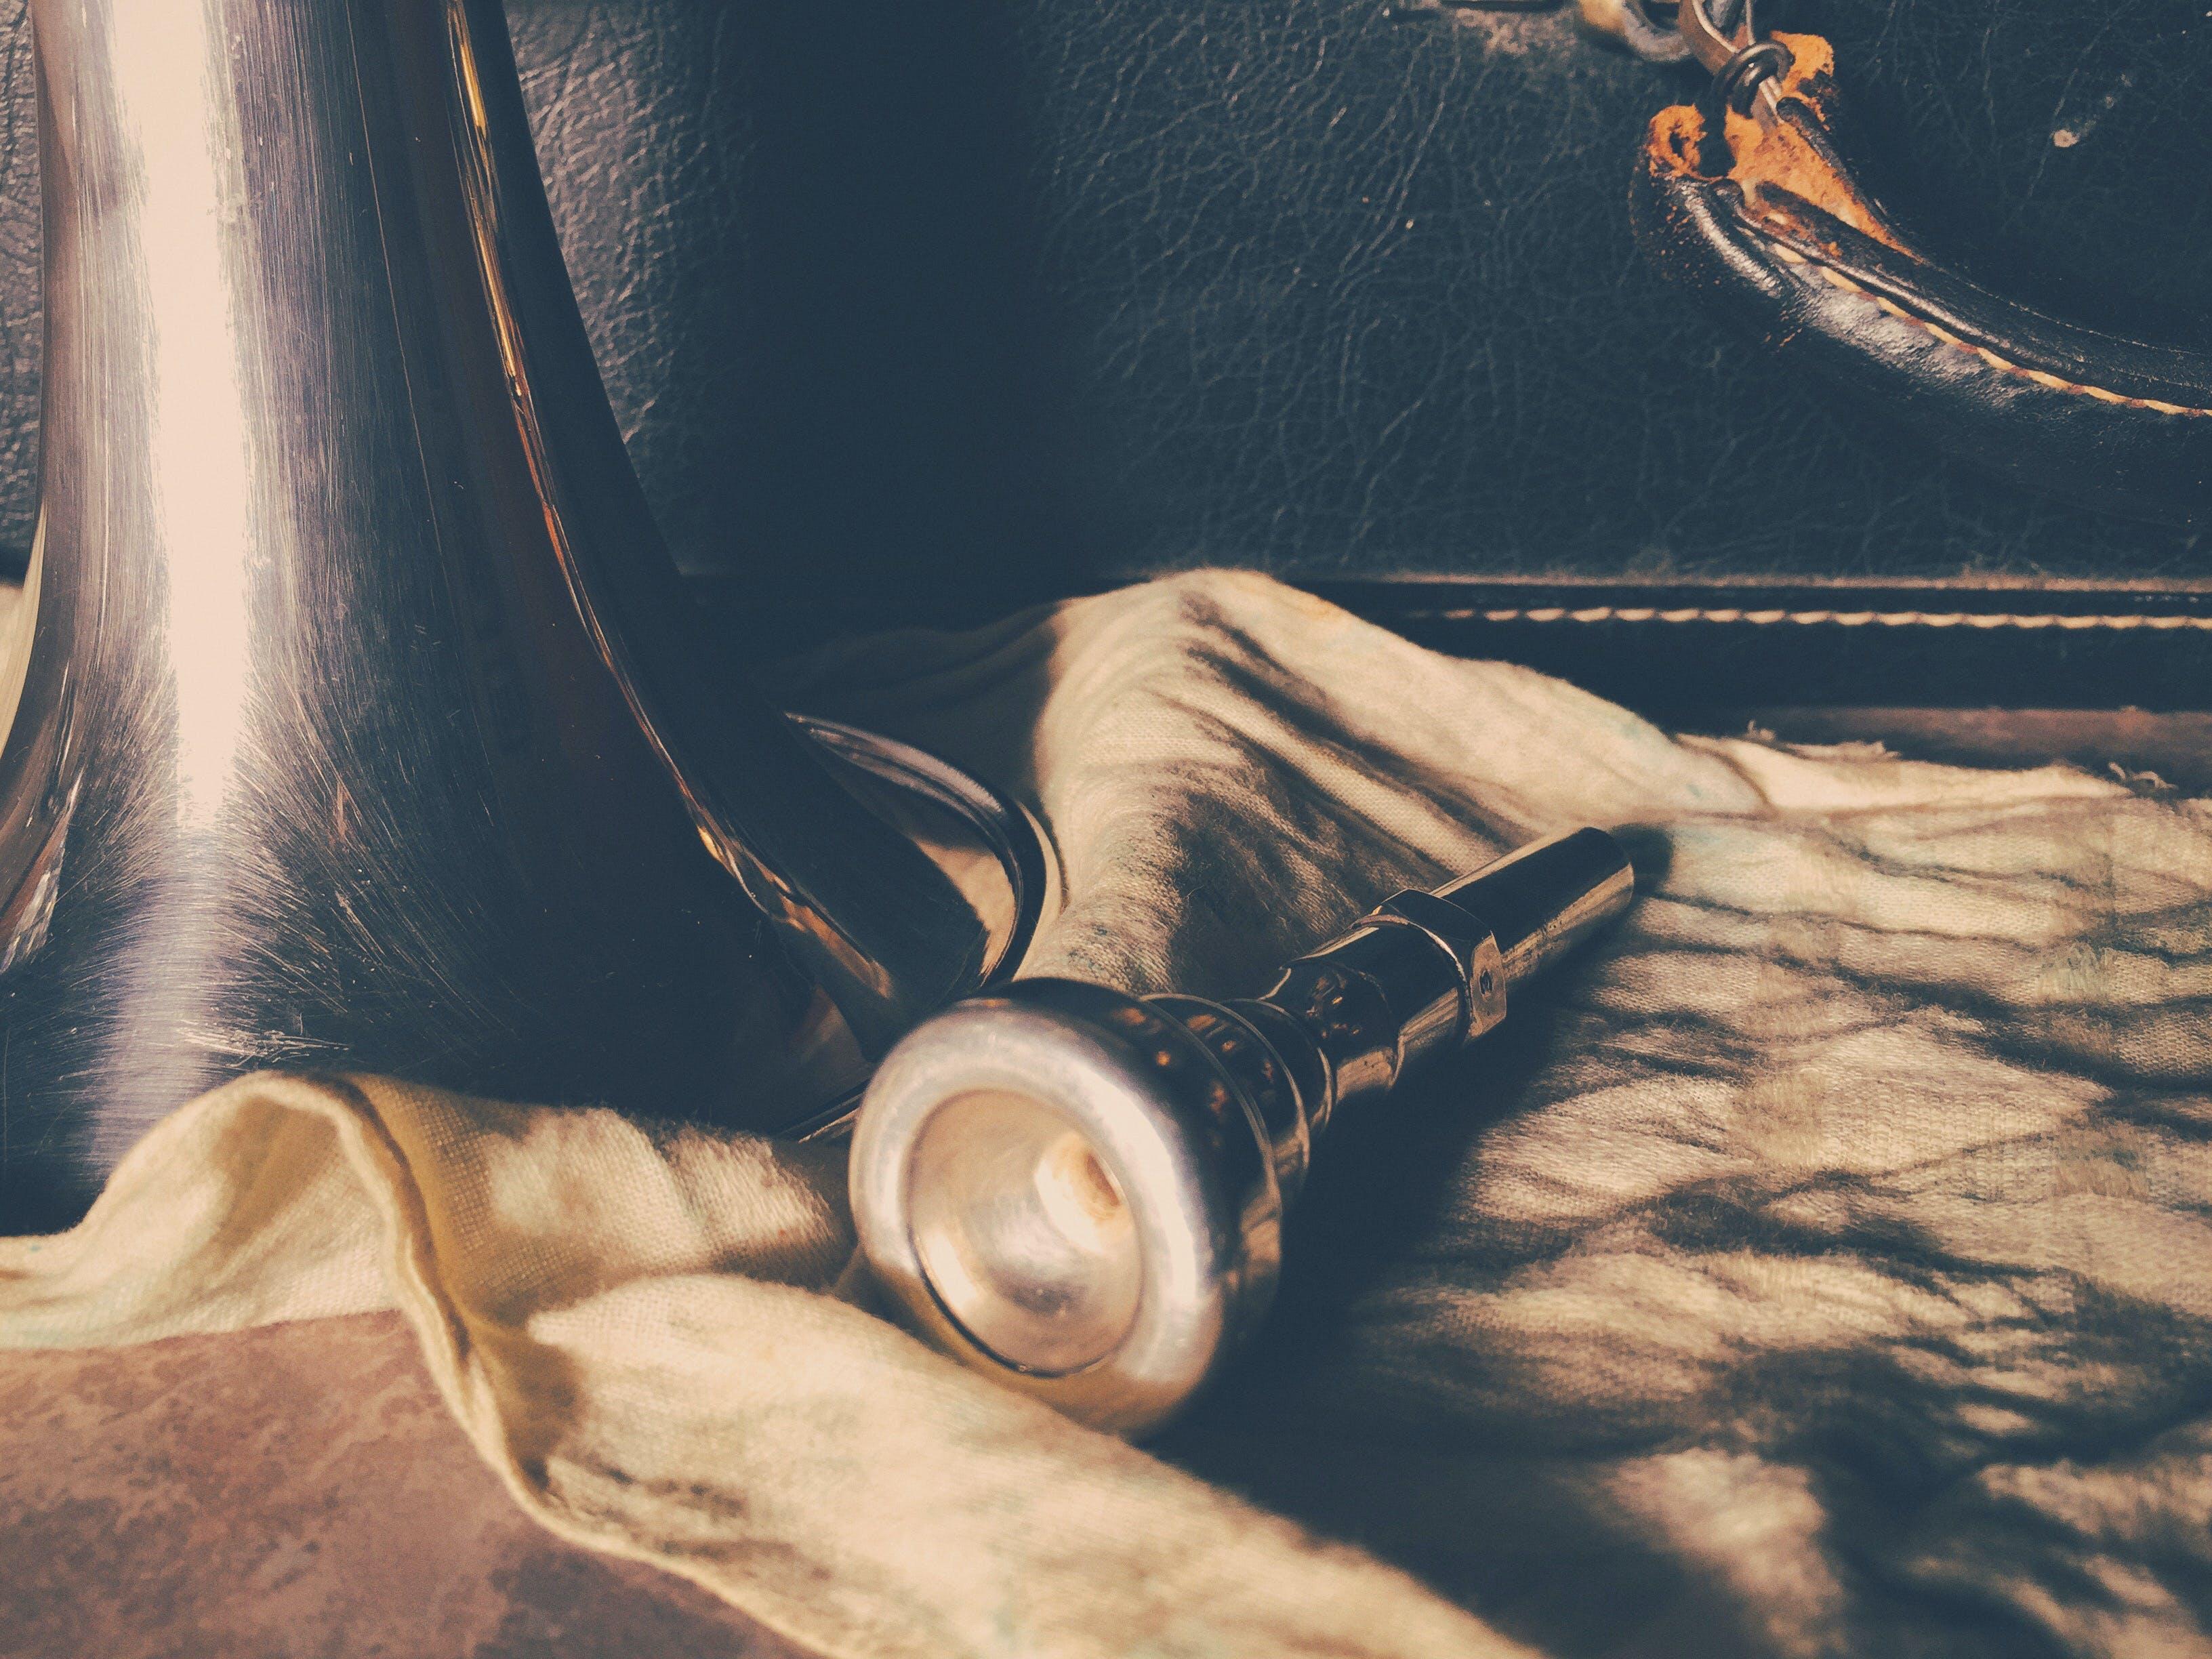 Kostnadsfri bild av bagage, färg, ficklampa, handling